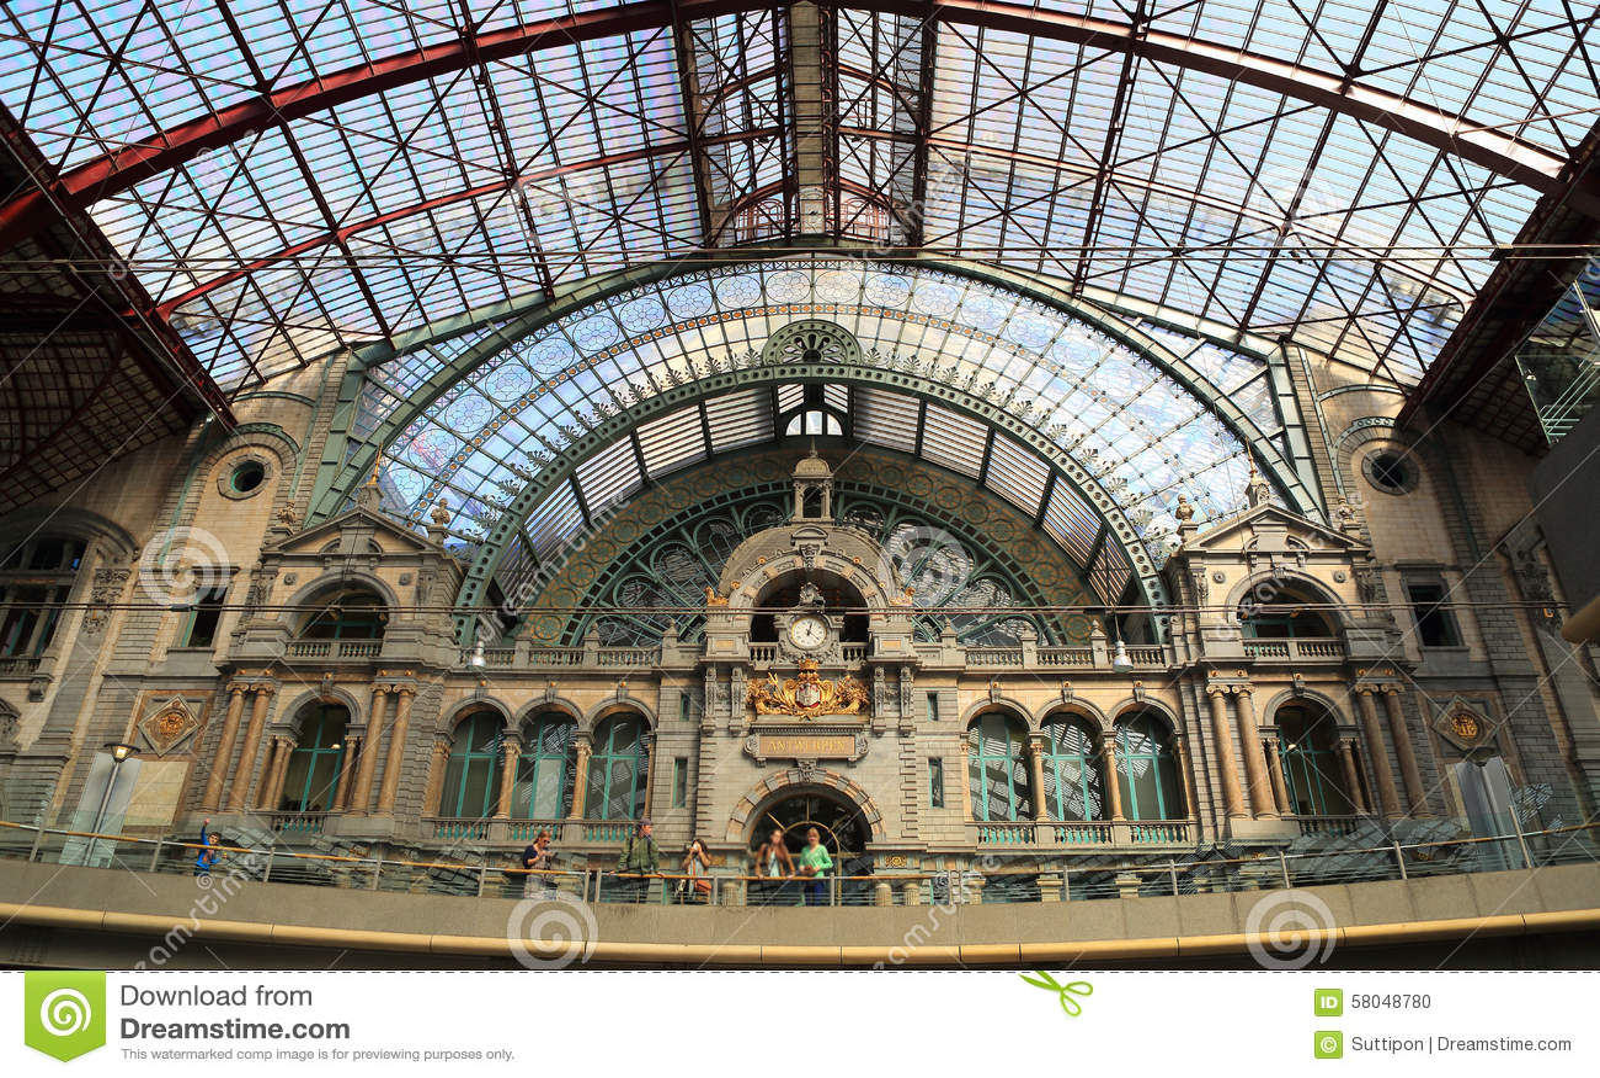 Κεντρικός σταθμός της Αμβέρσας στην Αμβέρσα, Βέλγιο